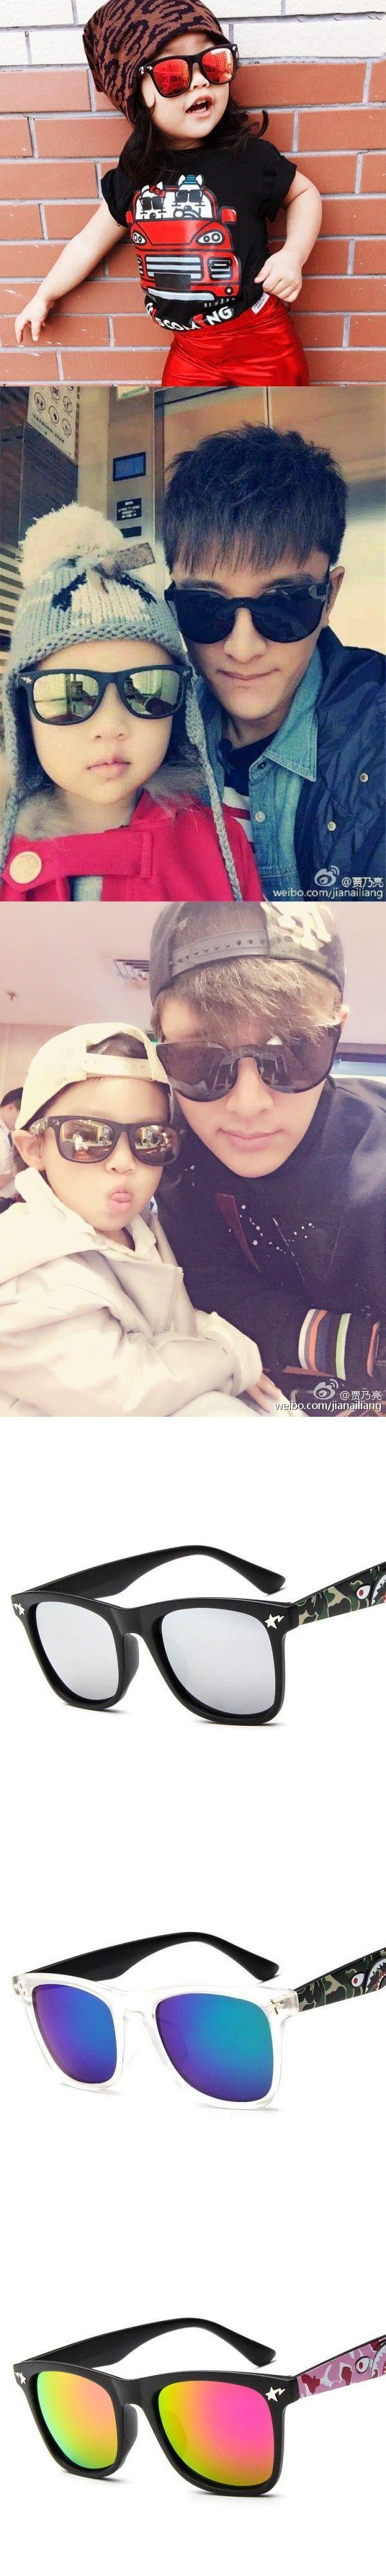 Kids Sunglasses 2016 New Fashion Korean Sunglasses Round Frame Glasses For Children YJ009